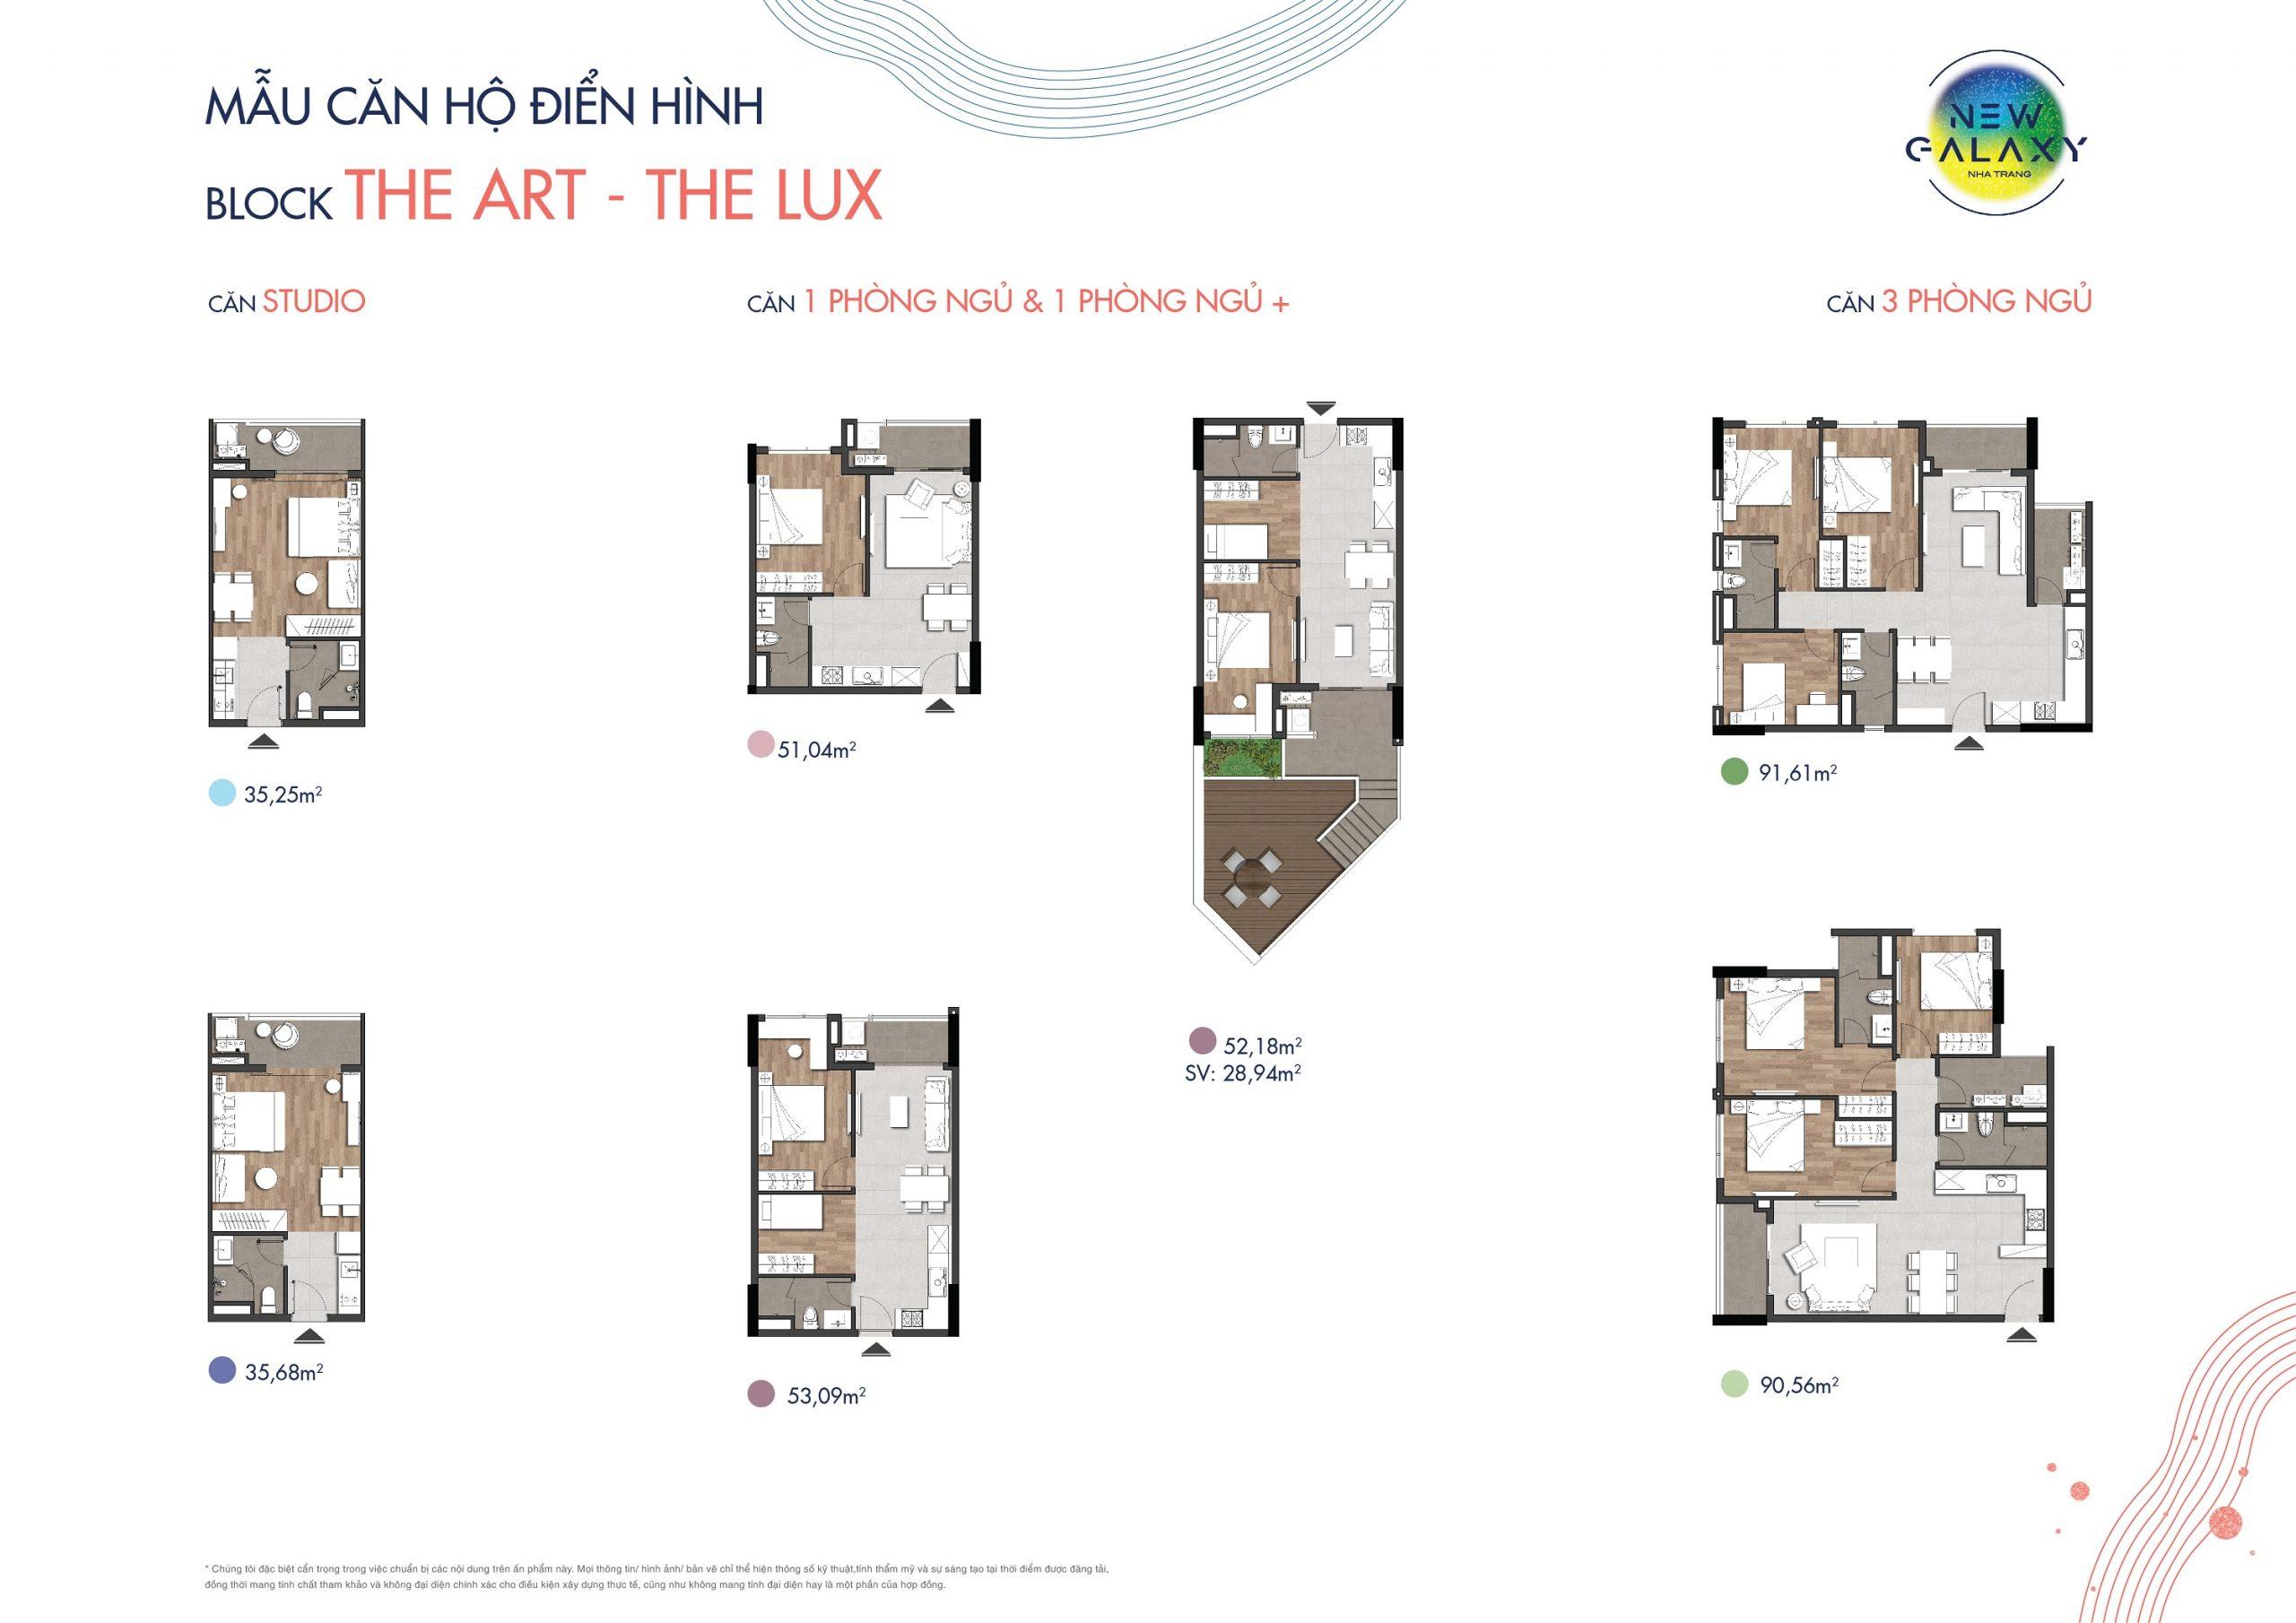 mặt bằng căn hộ mẫu dự án căn hộ New Galaxy Nha Trang